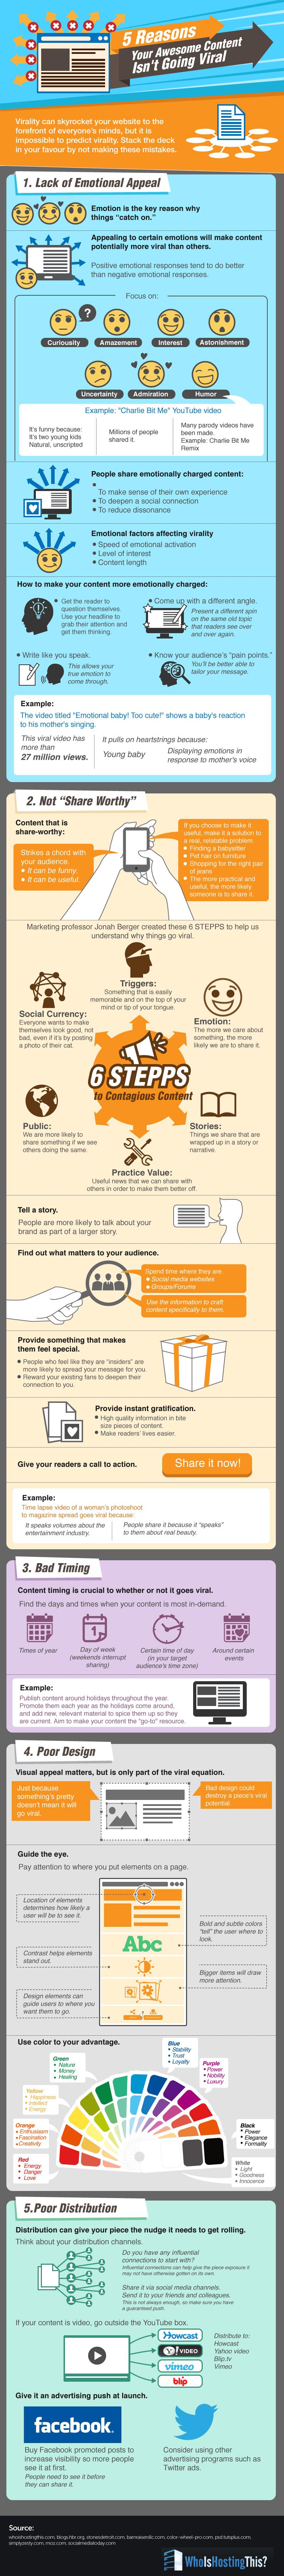 contenuto_virale_infografica